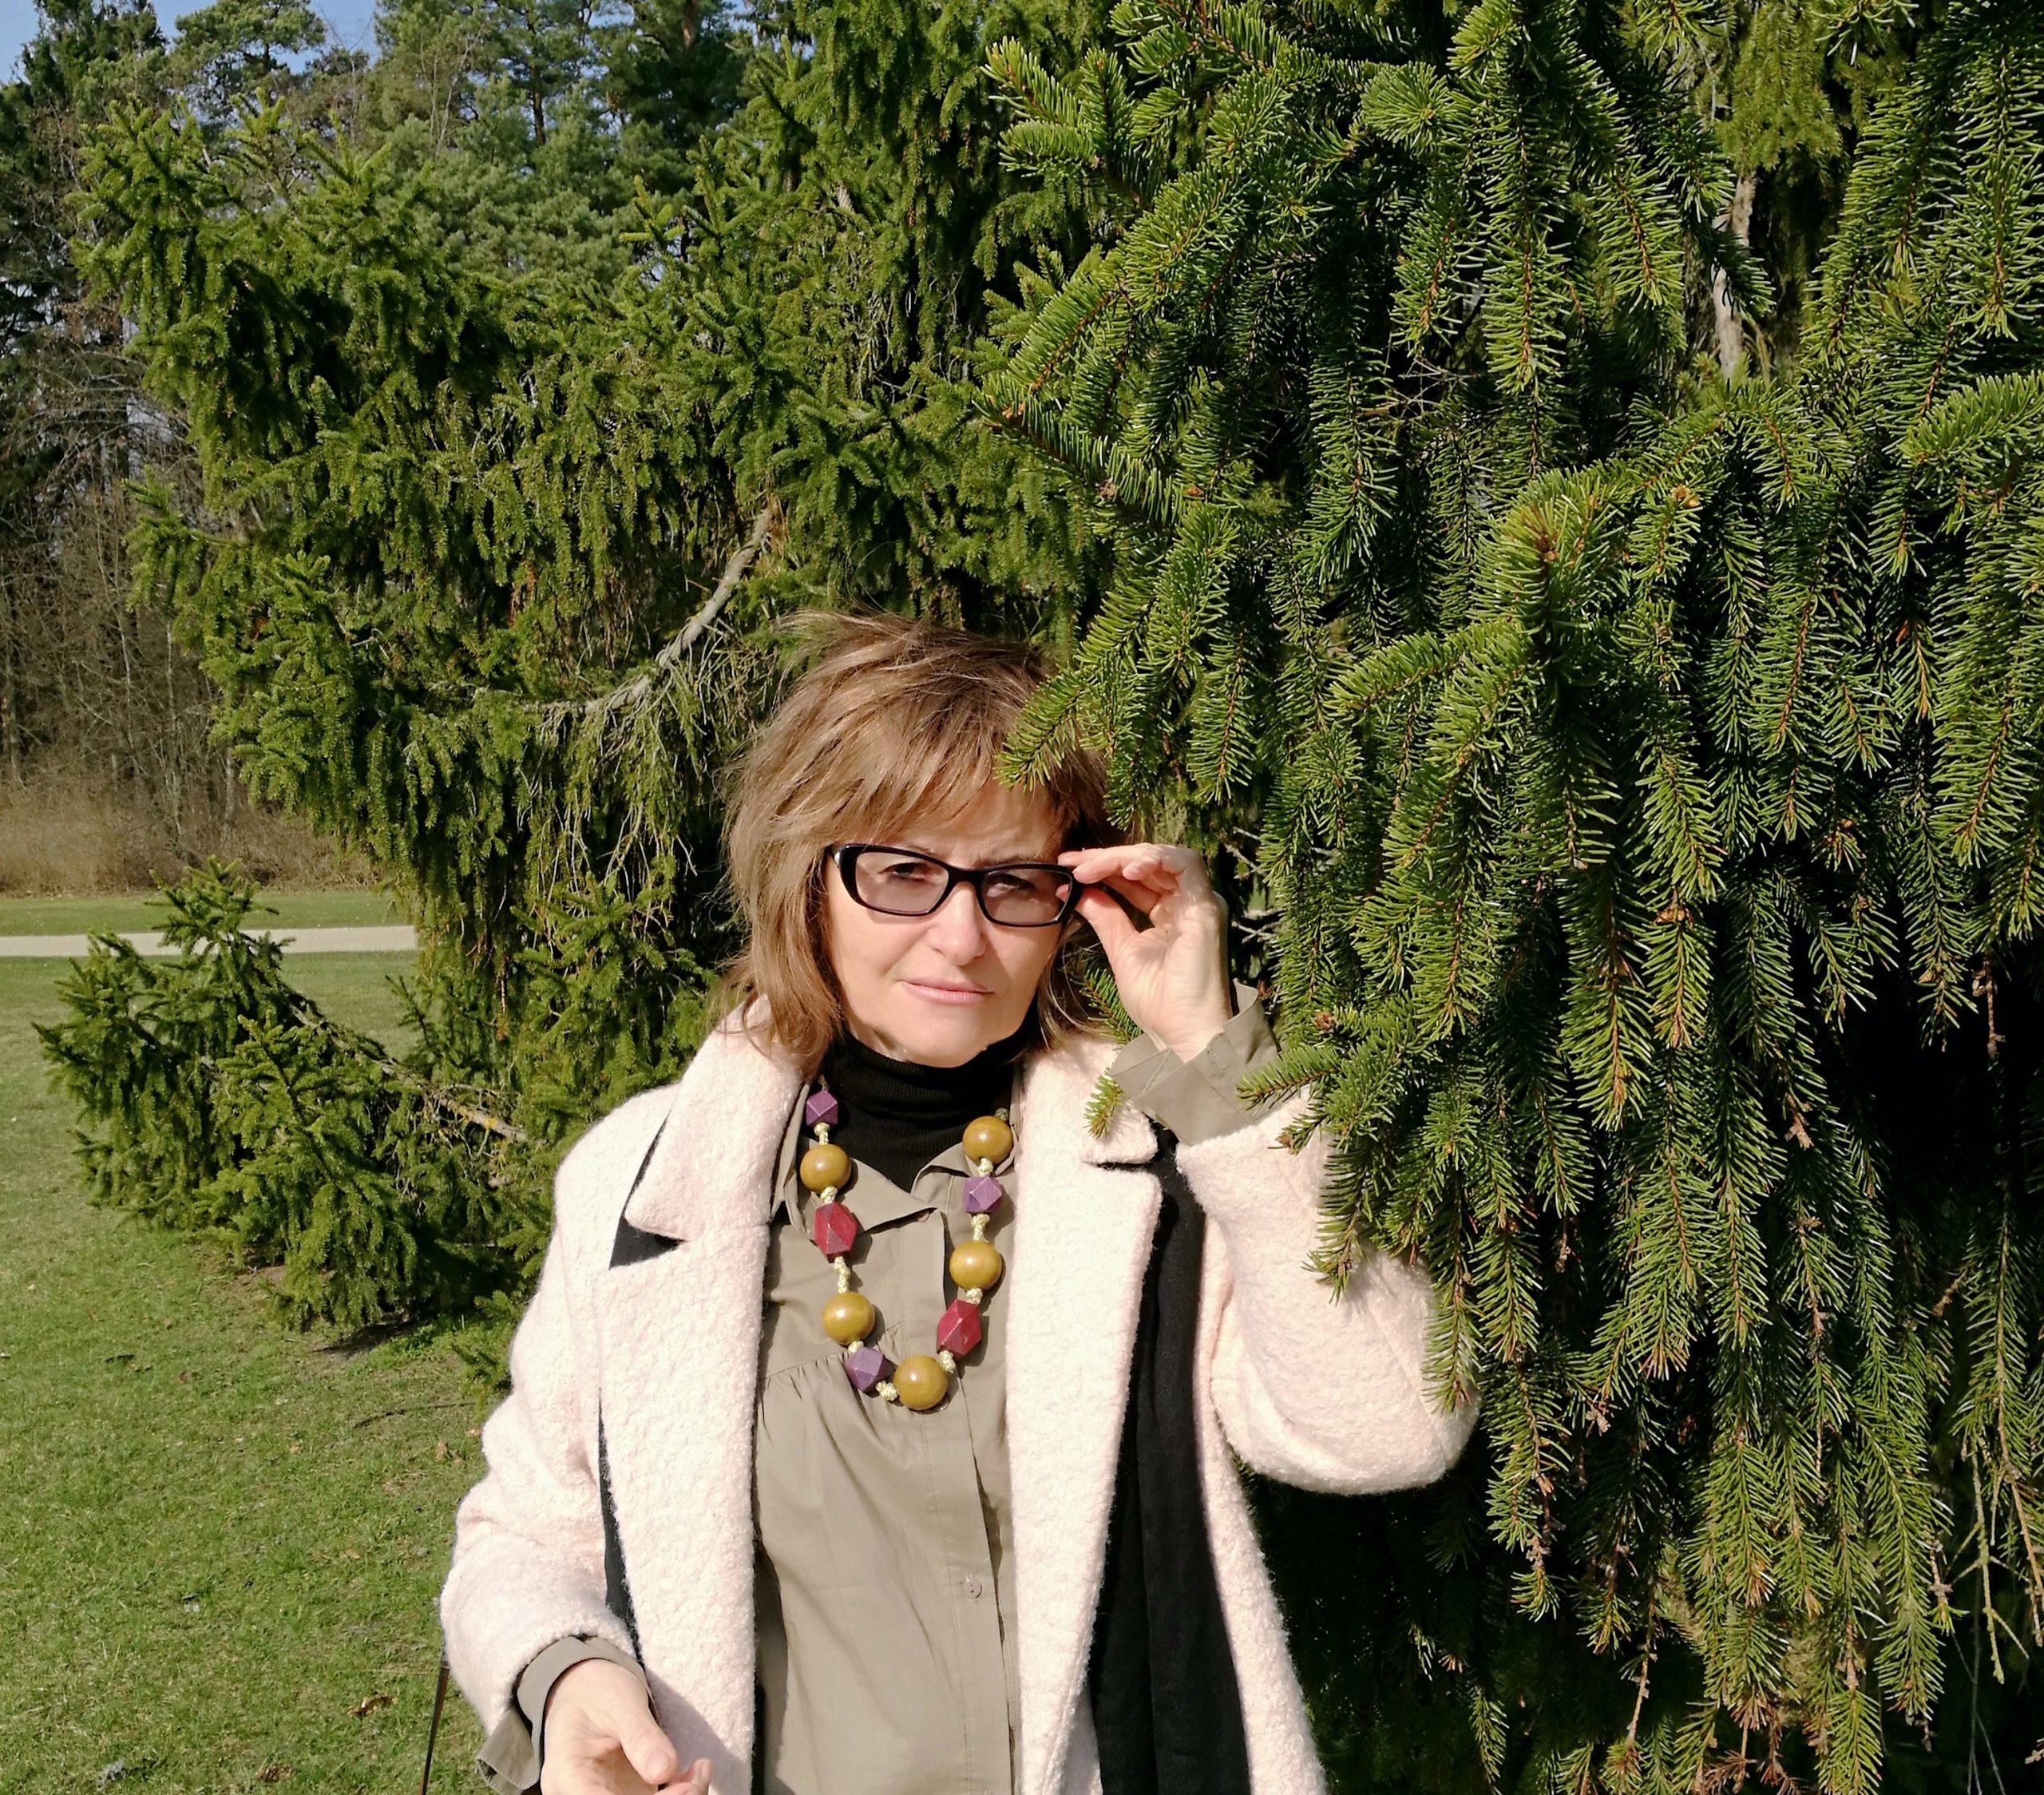 Nijolė Bartašiūnienė. Kuo problema skiriasi nuo klausimo? Problemos analizė